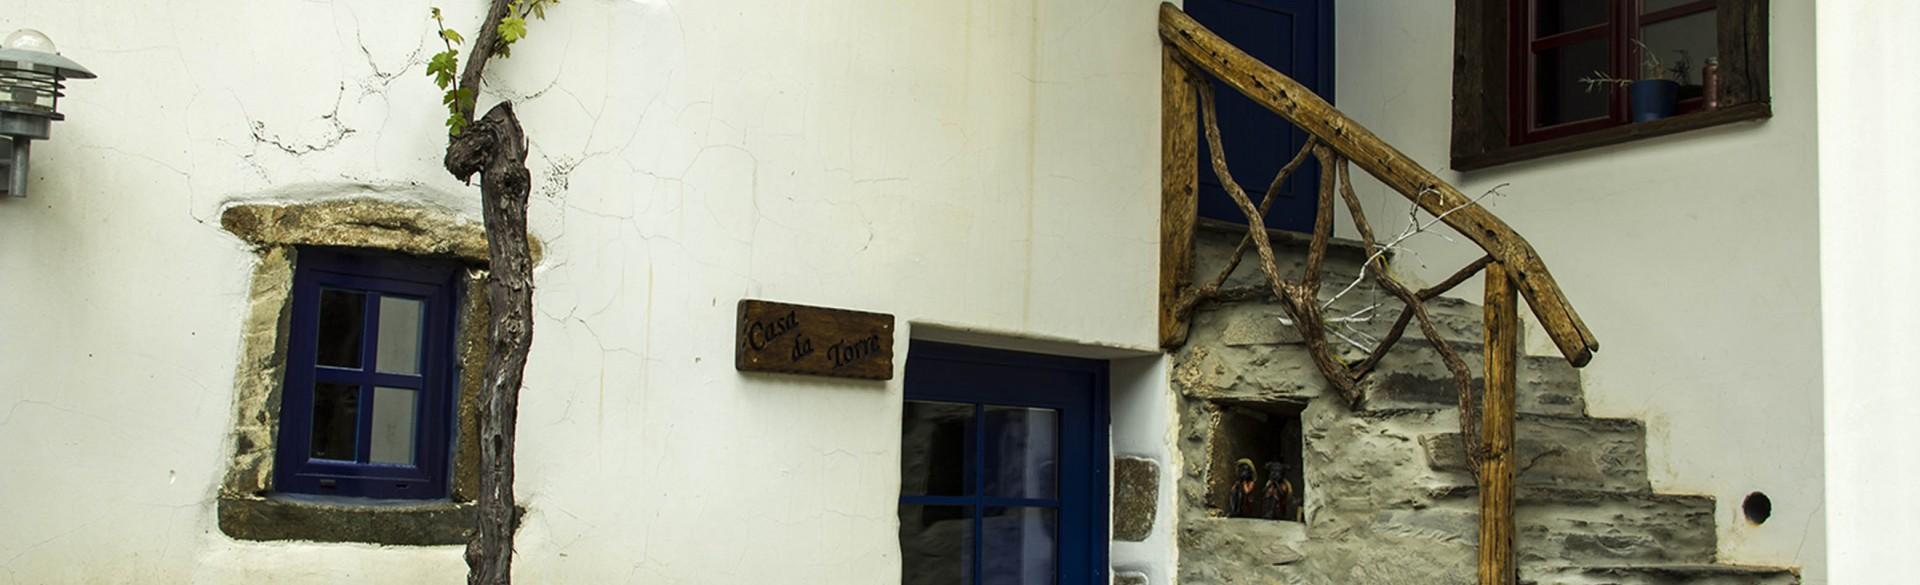 Casa da Torre - Aldeia de Camelo